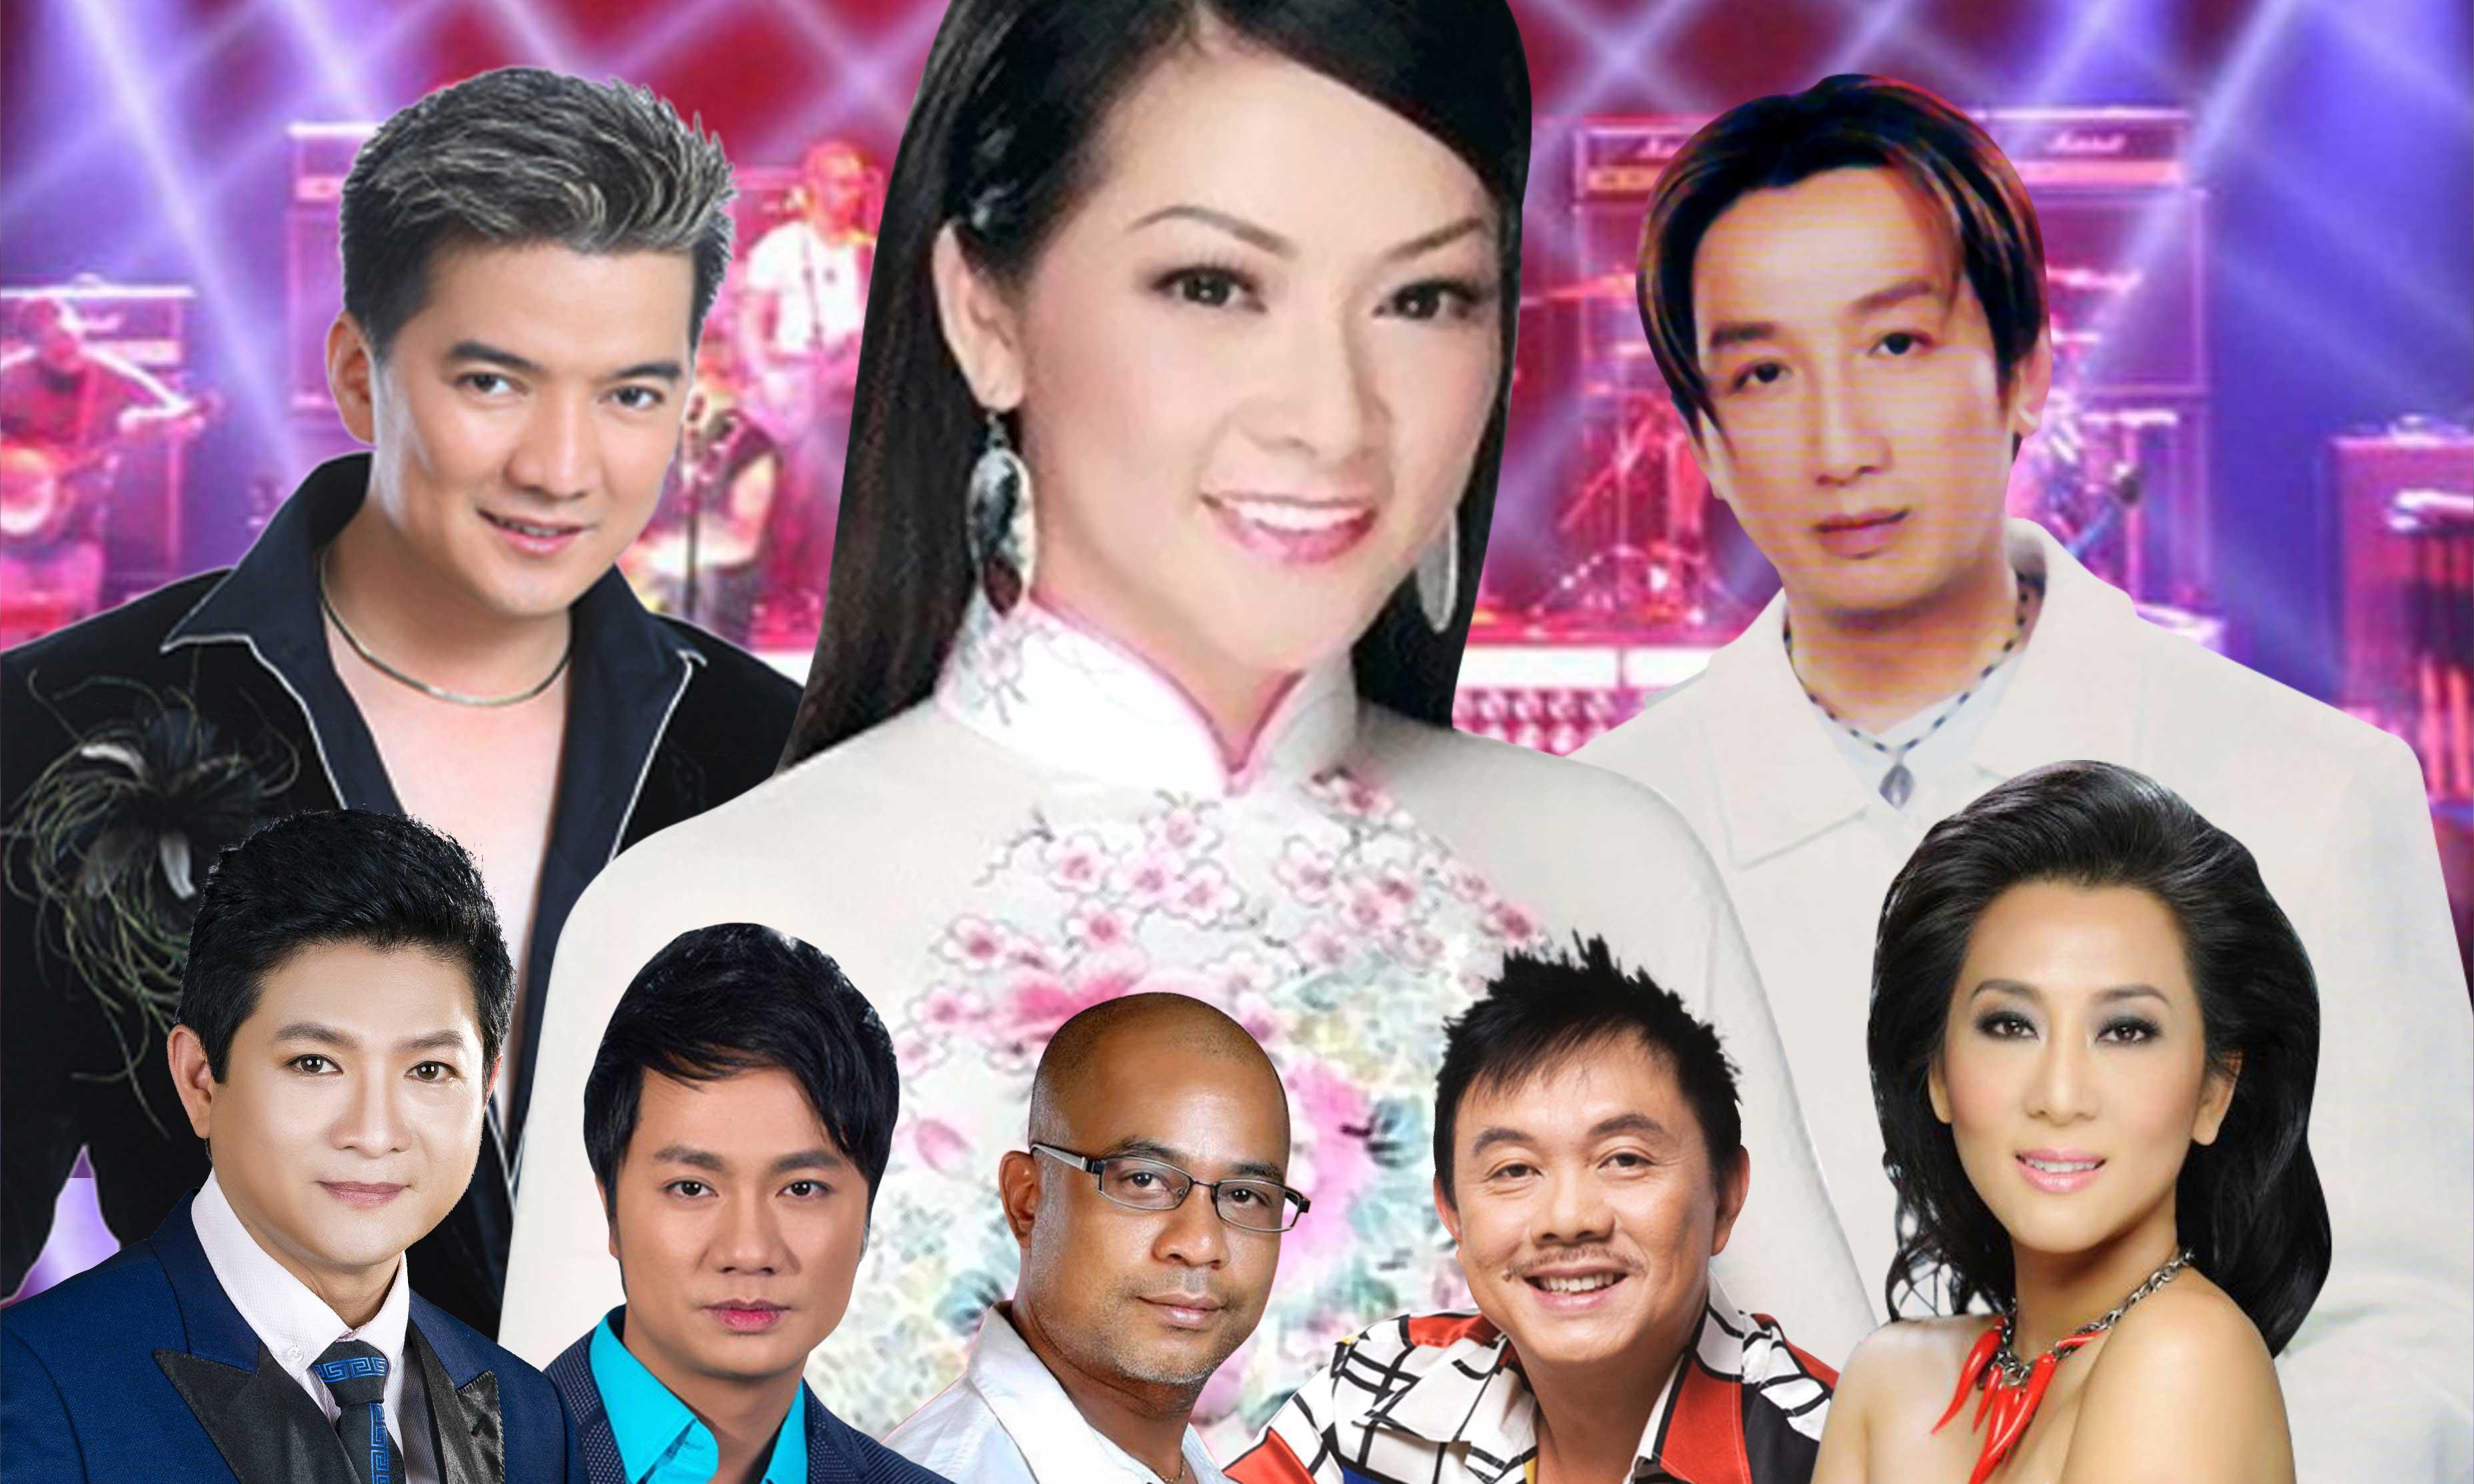 Như Quỳnh lần đầu tiền về Việt Nam thực hiện liveshow